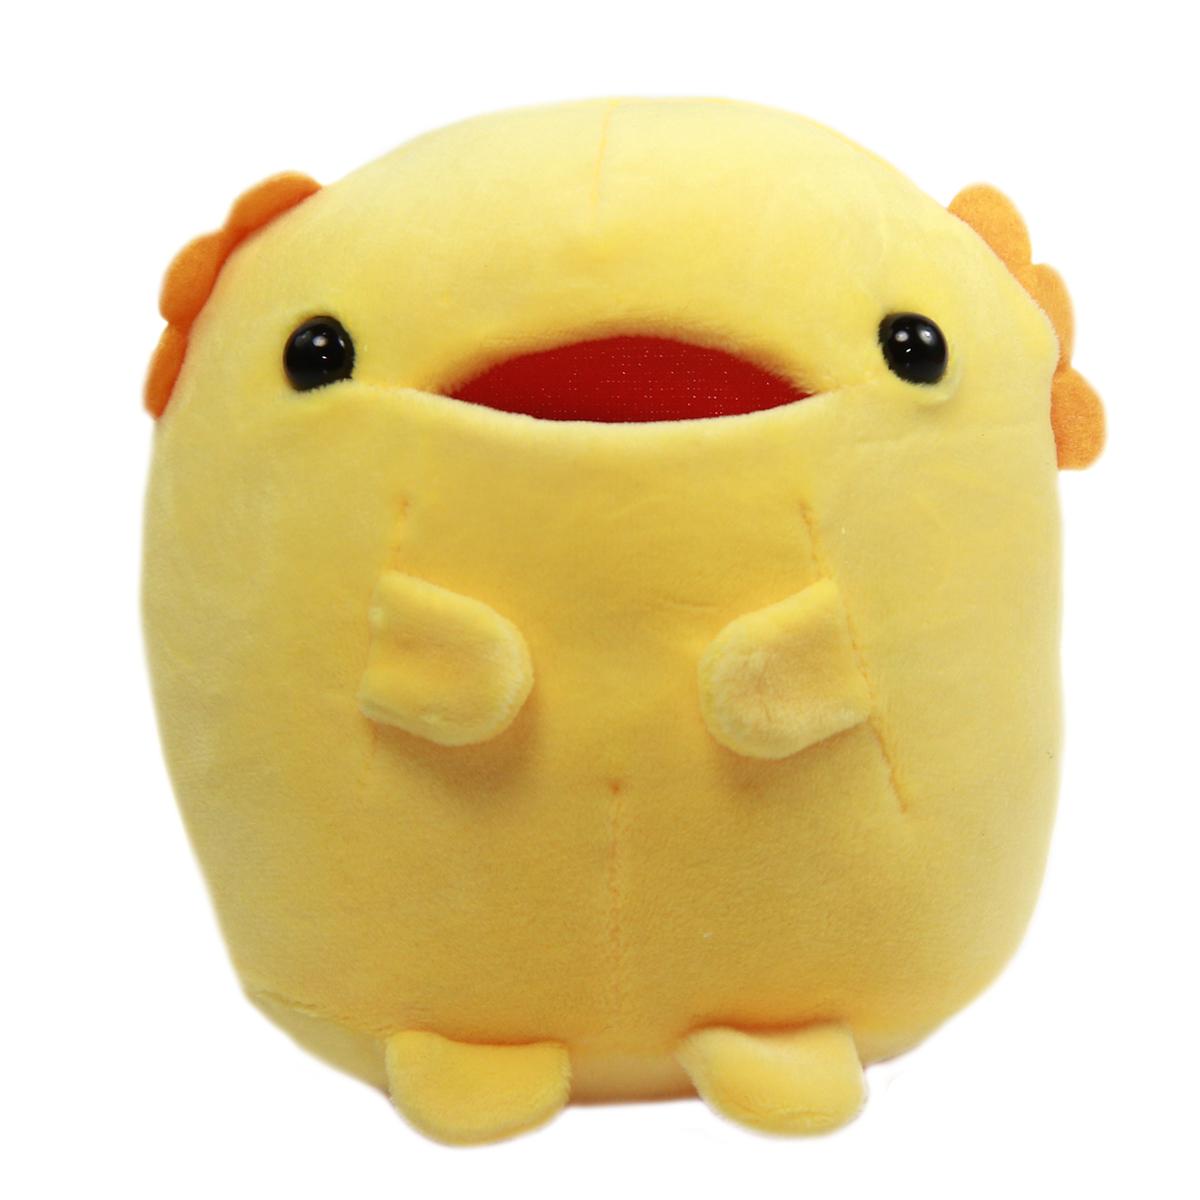 Axolotl Plush Toy Tachippa!! Standing Super Soft Stuffed Animal Yellow Uparupa 5